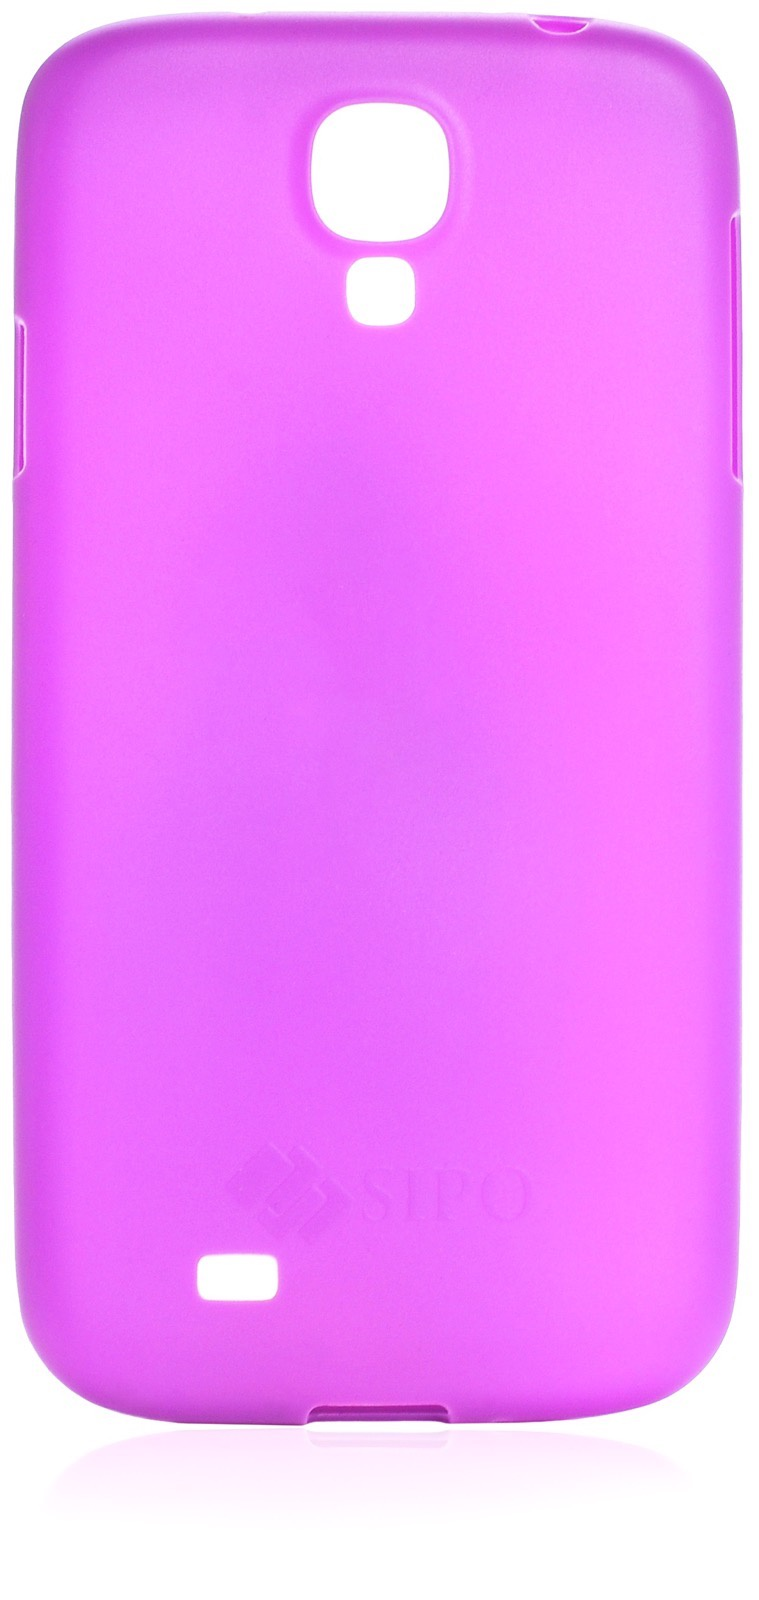 Чехол накладка iNeez Sipo силикон 450187 для Samsung Galaxy S4,450187,фиолетовый